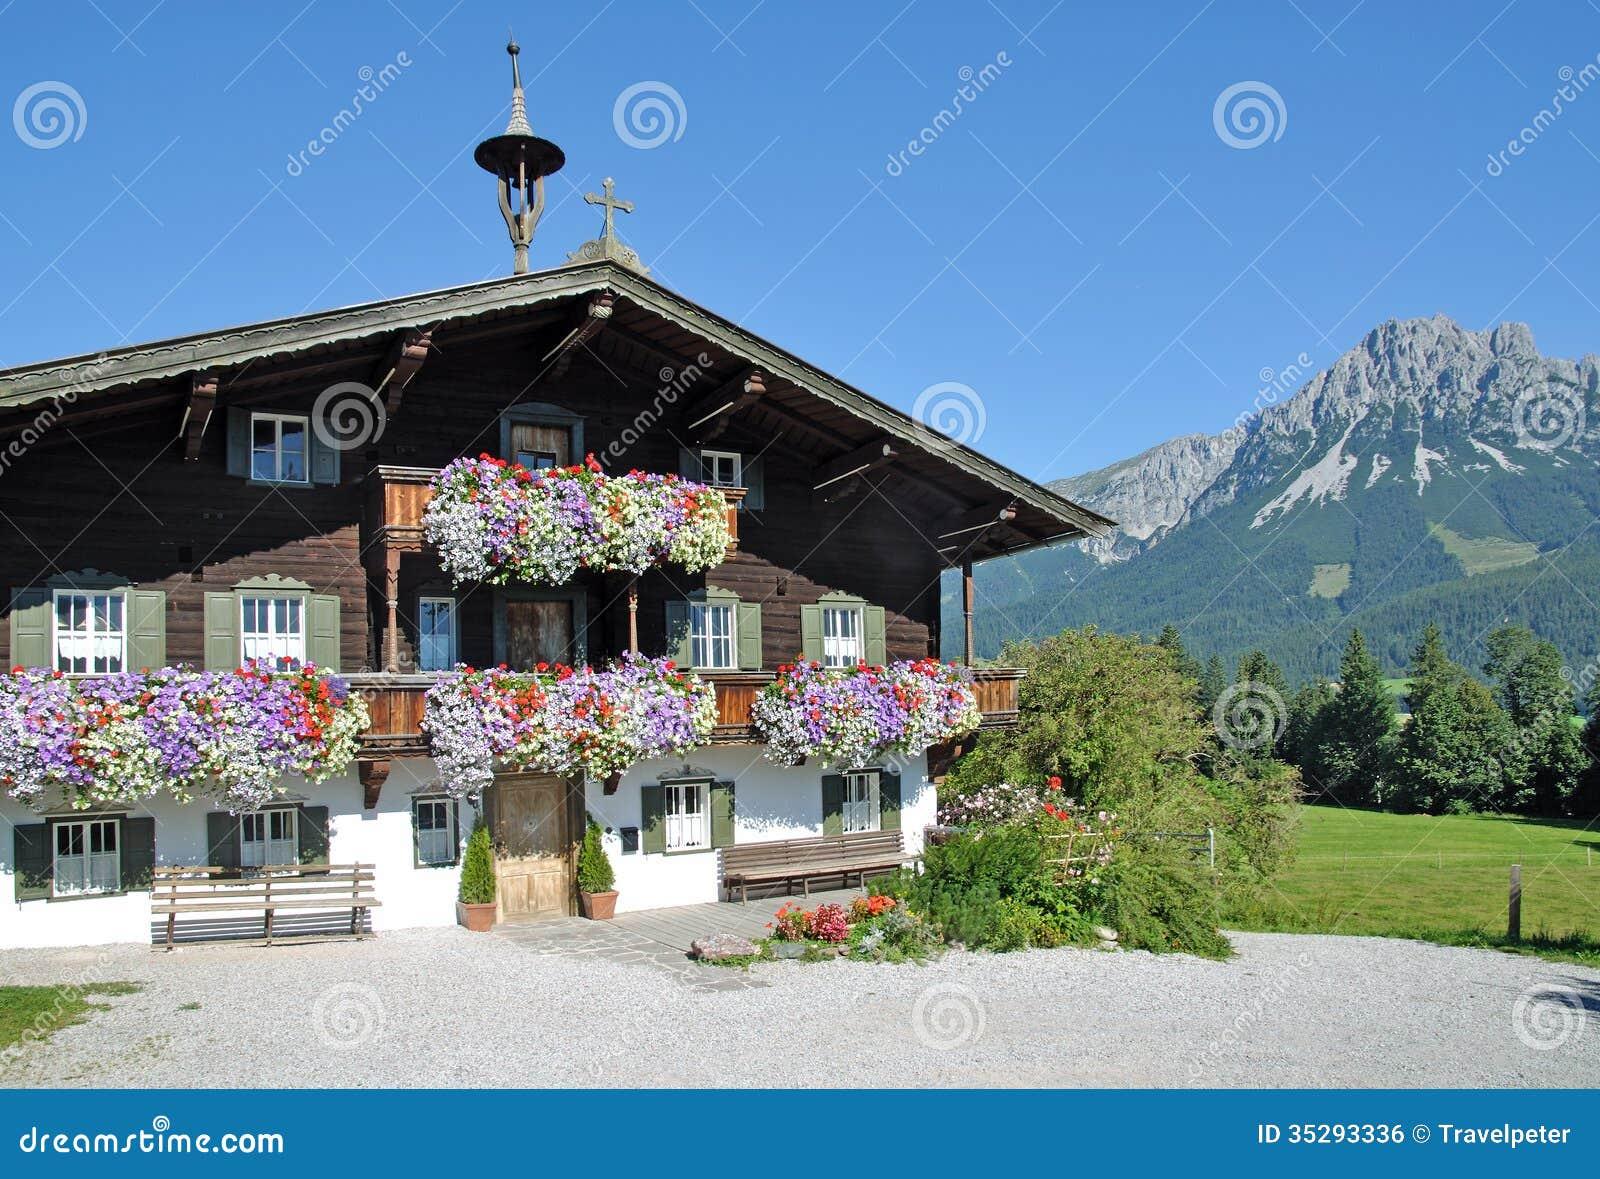 wooden tyrolean house ellmau tirol austria royalty free